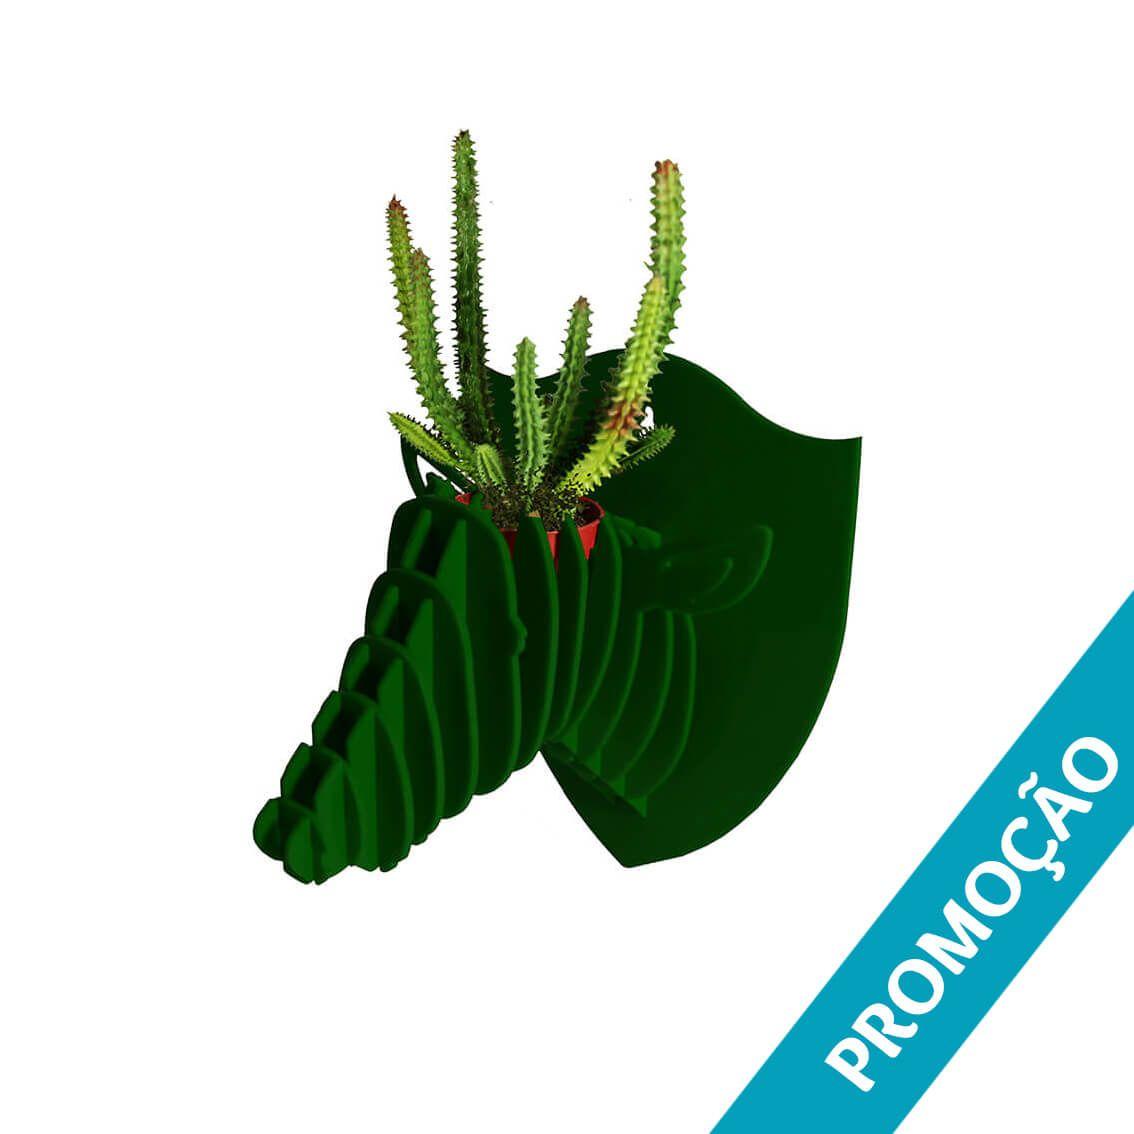 Cabeça para montar em acrilico verde escuro - Ônix